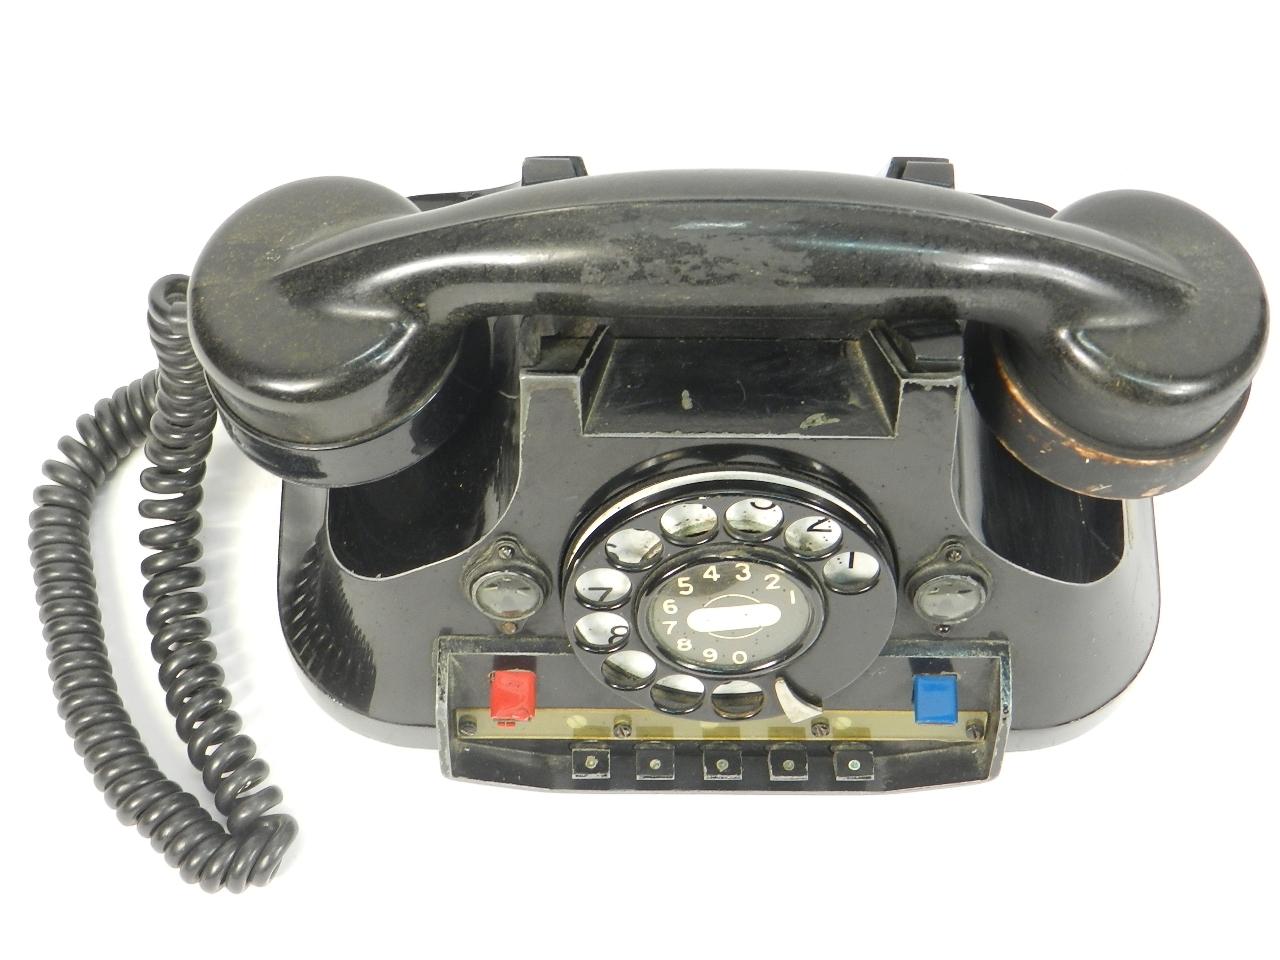 Imagen TELEFONO AIEA AÑO 1940, BELGICA 41414